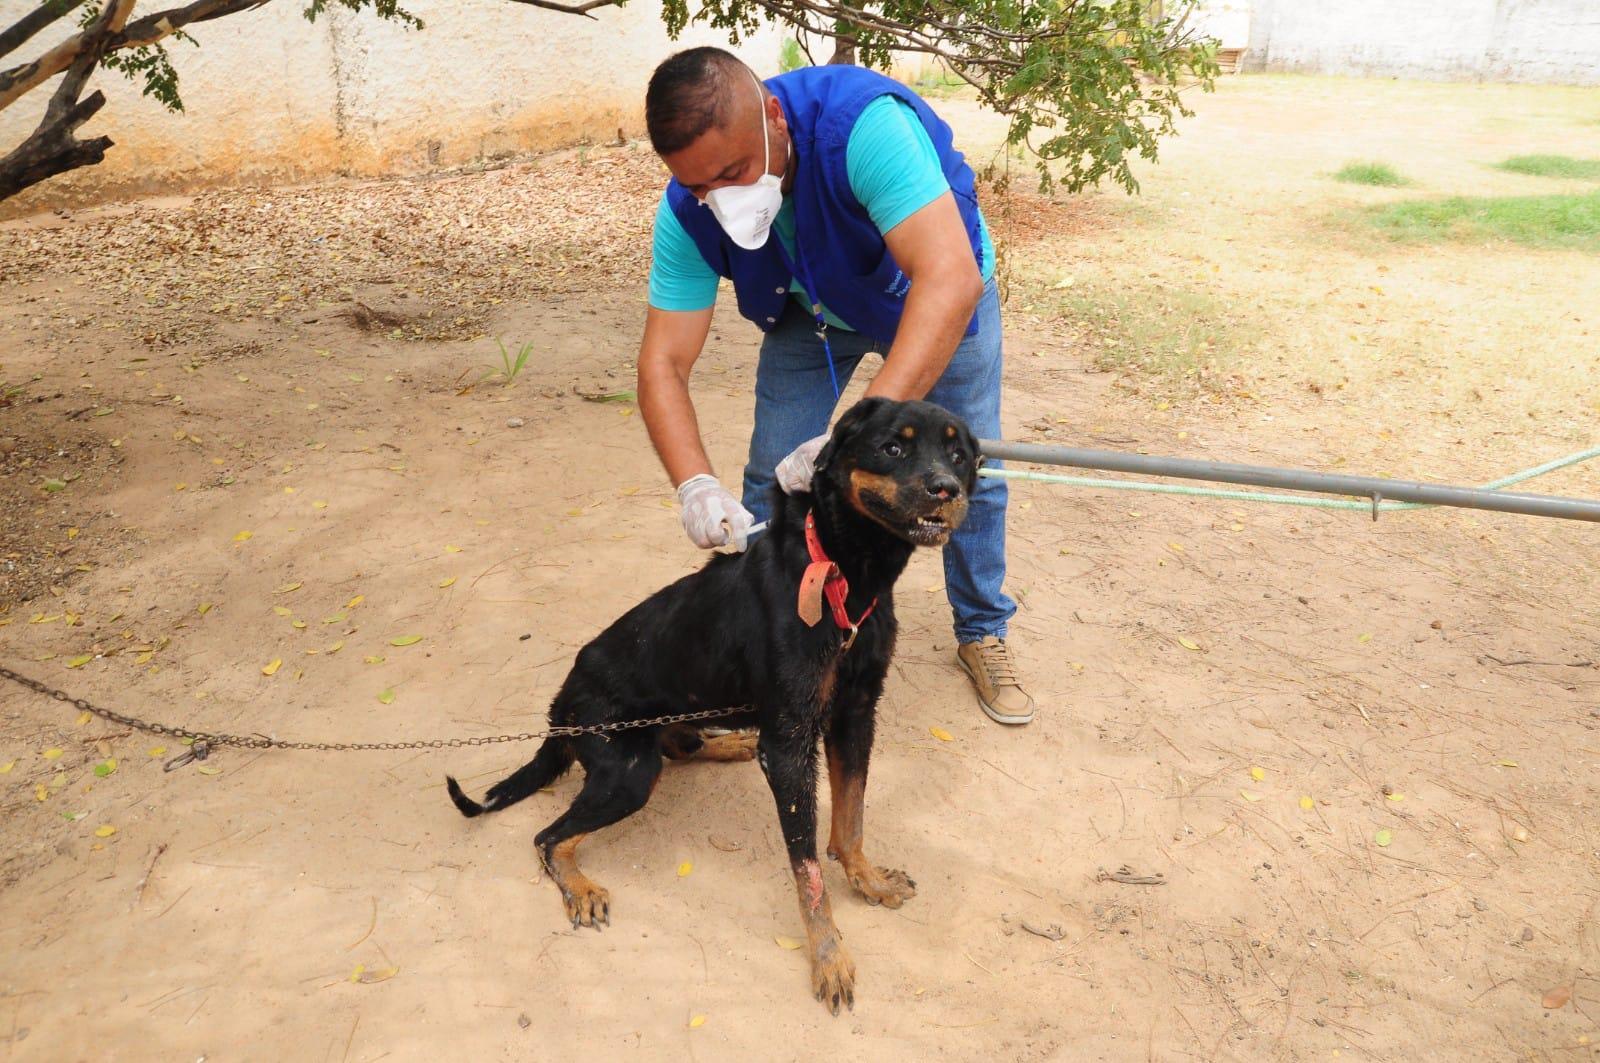 Campanha de vacinação antirrábica começa em Mossoró com doses para cães e gatos na sede do CCZ